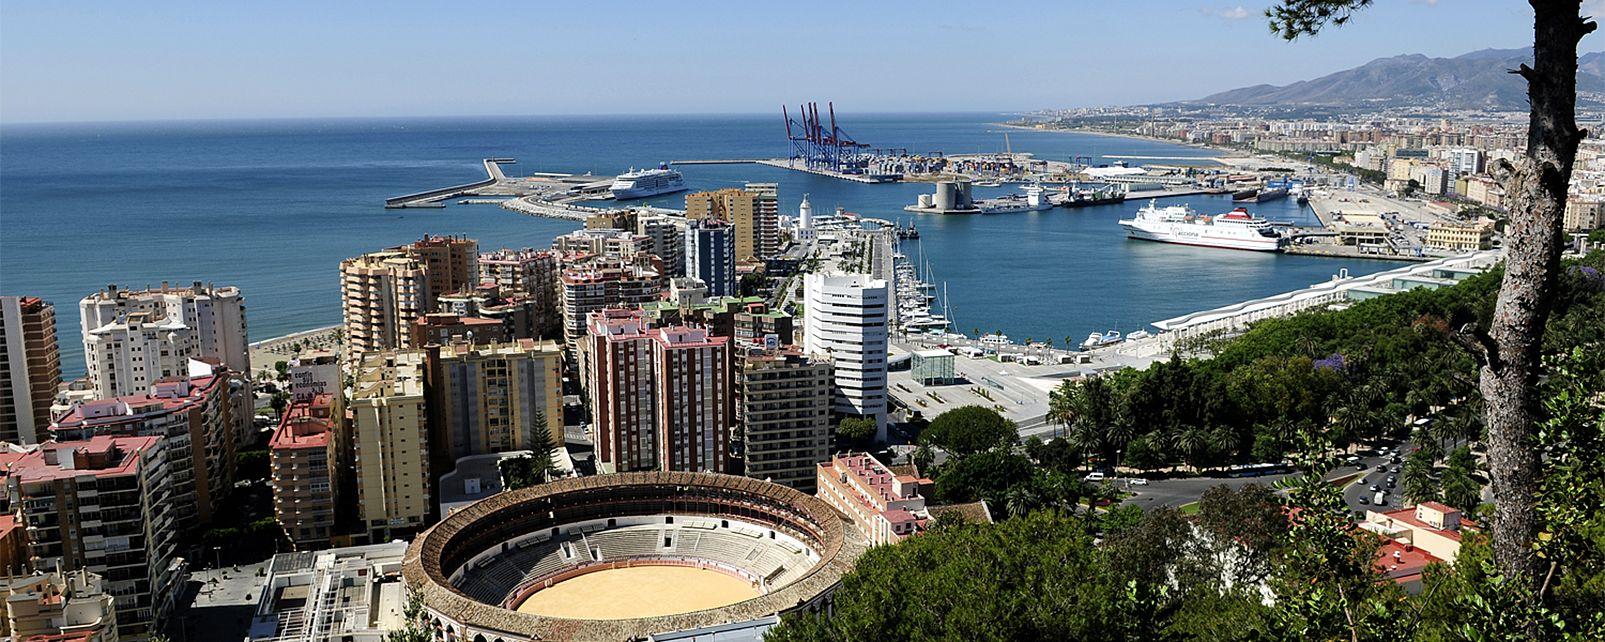 Vistas de Málaga, Costa del Sol - Málaga, Las costas, Andalucía